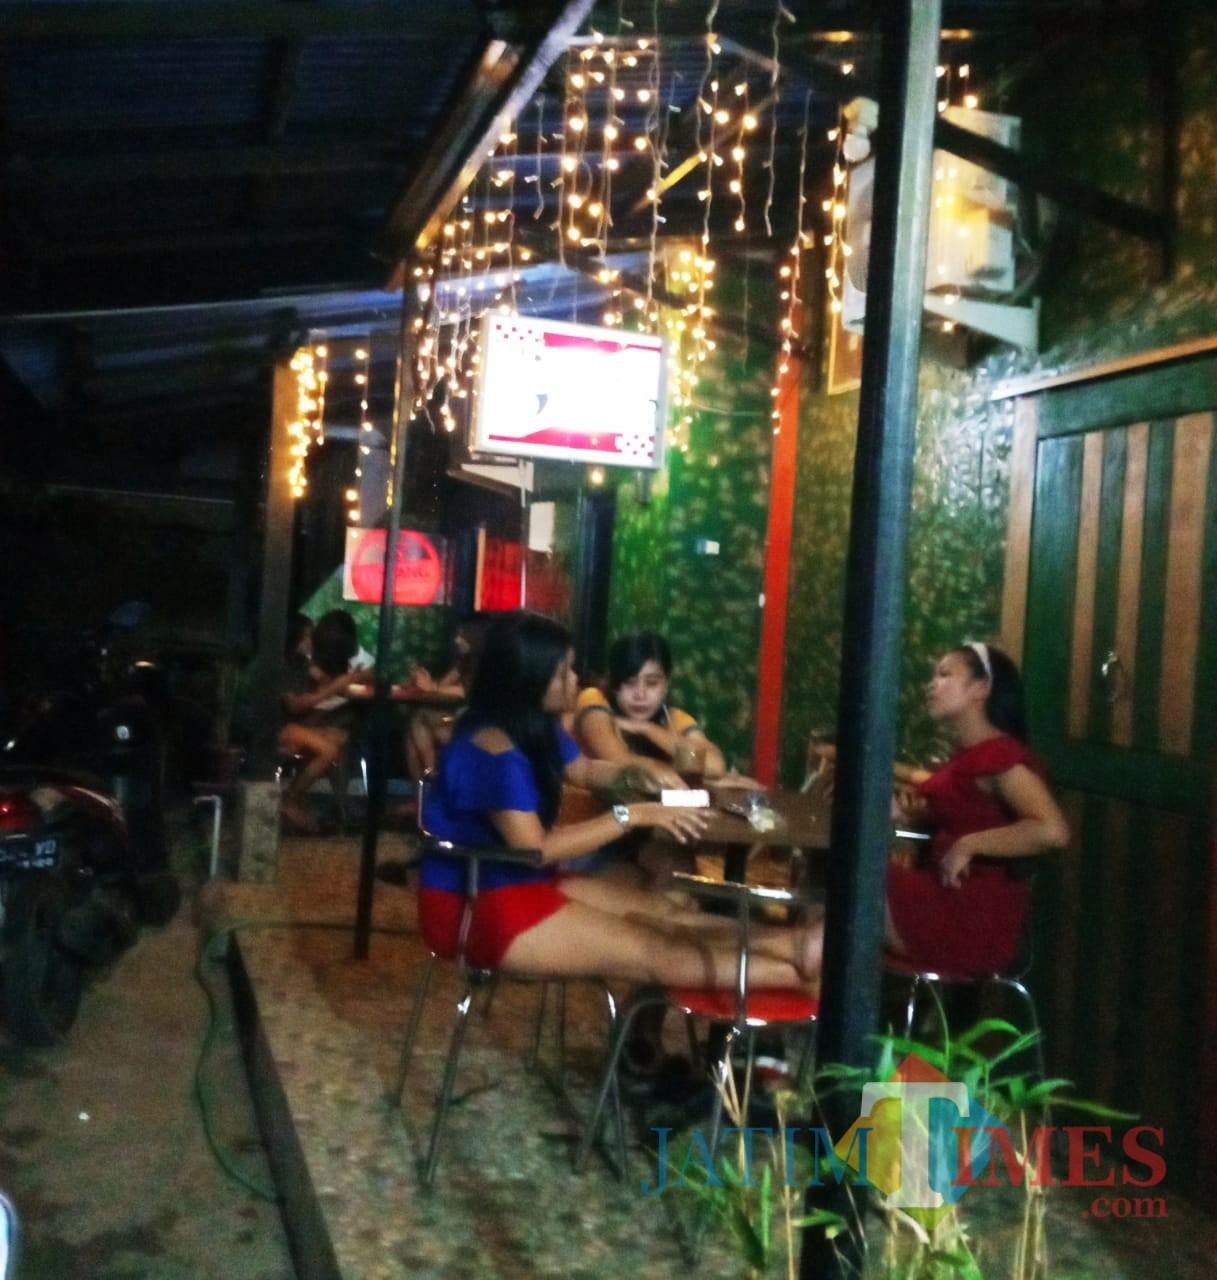 Tampak wanita-wanita berdandan seksi duduk di Warung Panjang.